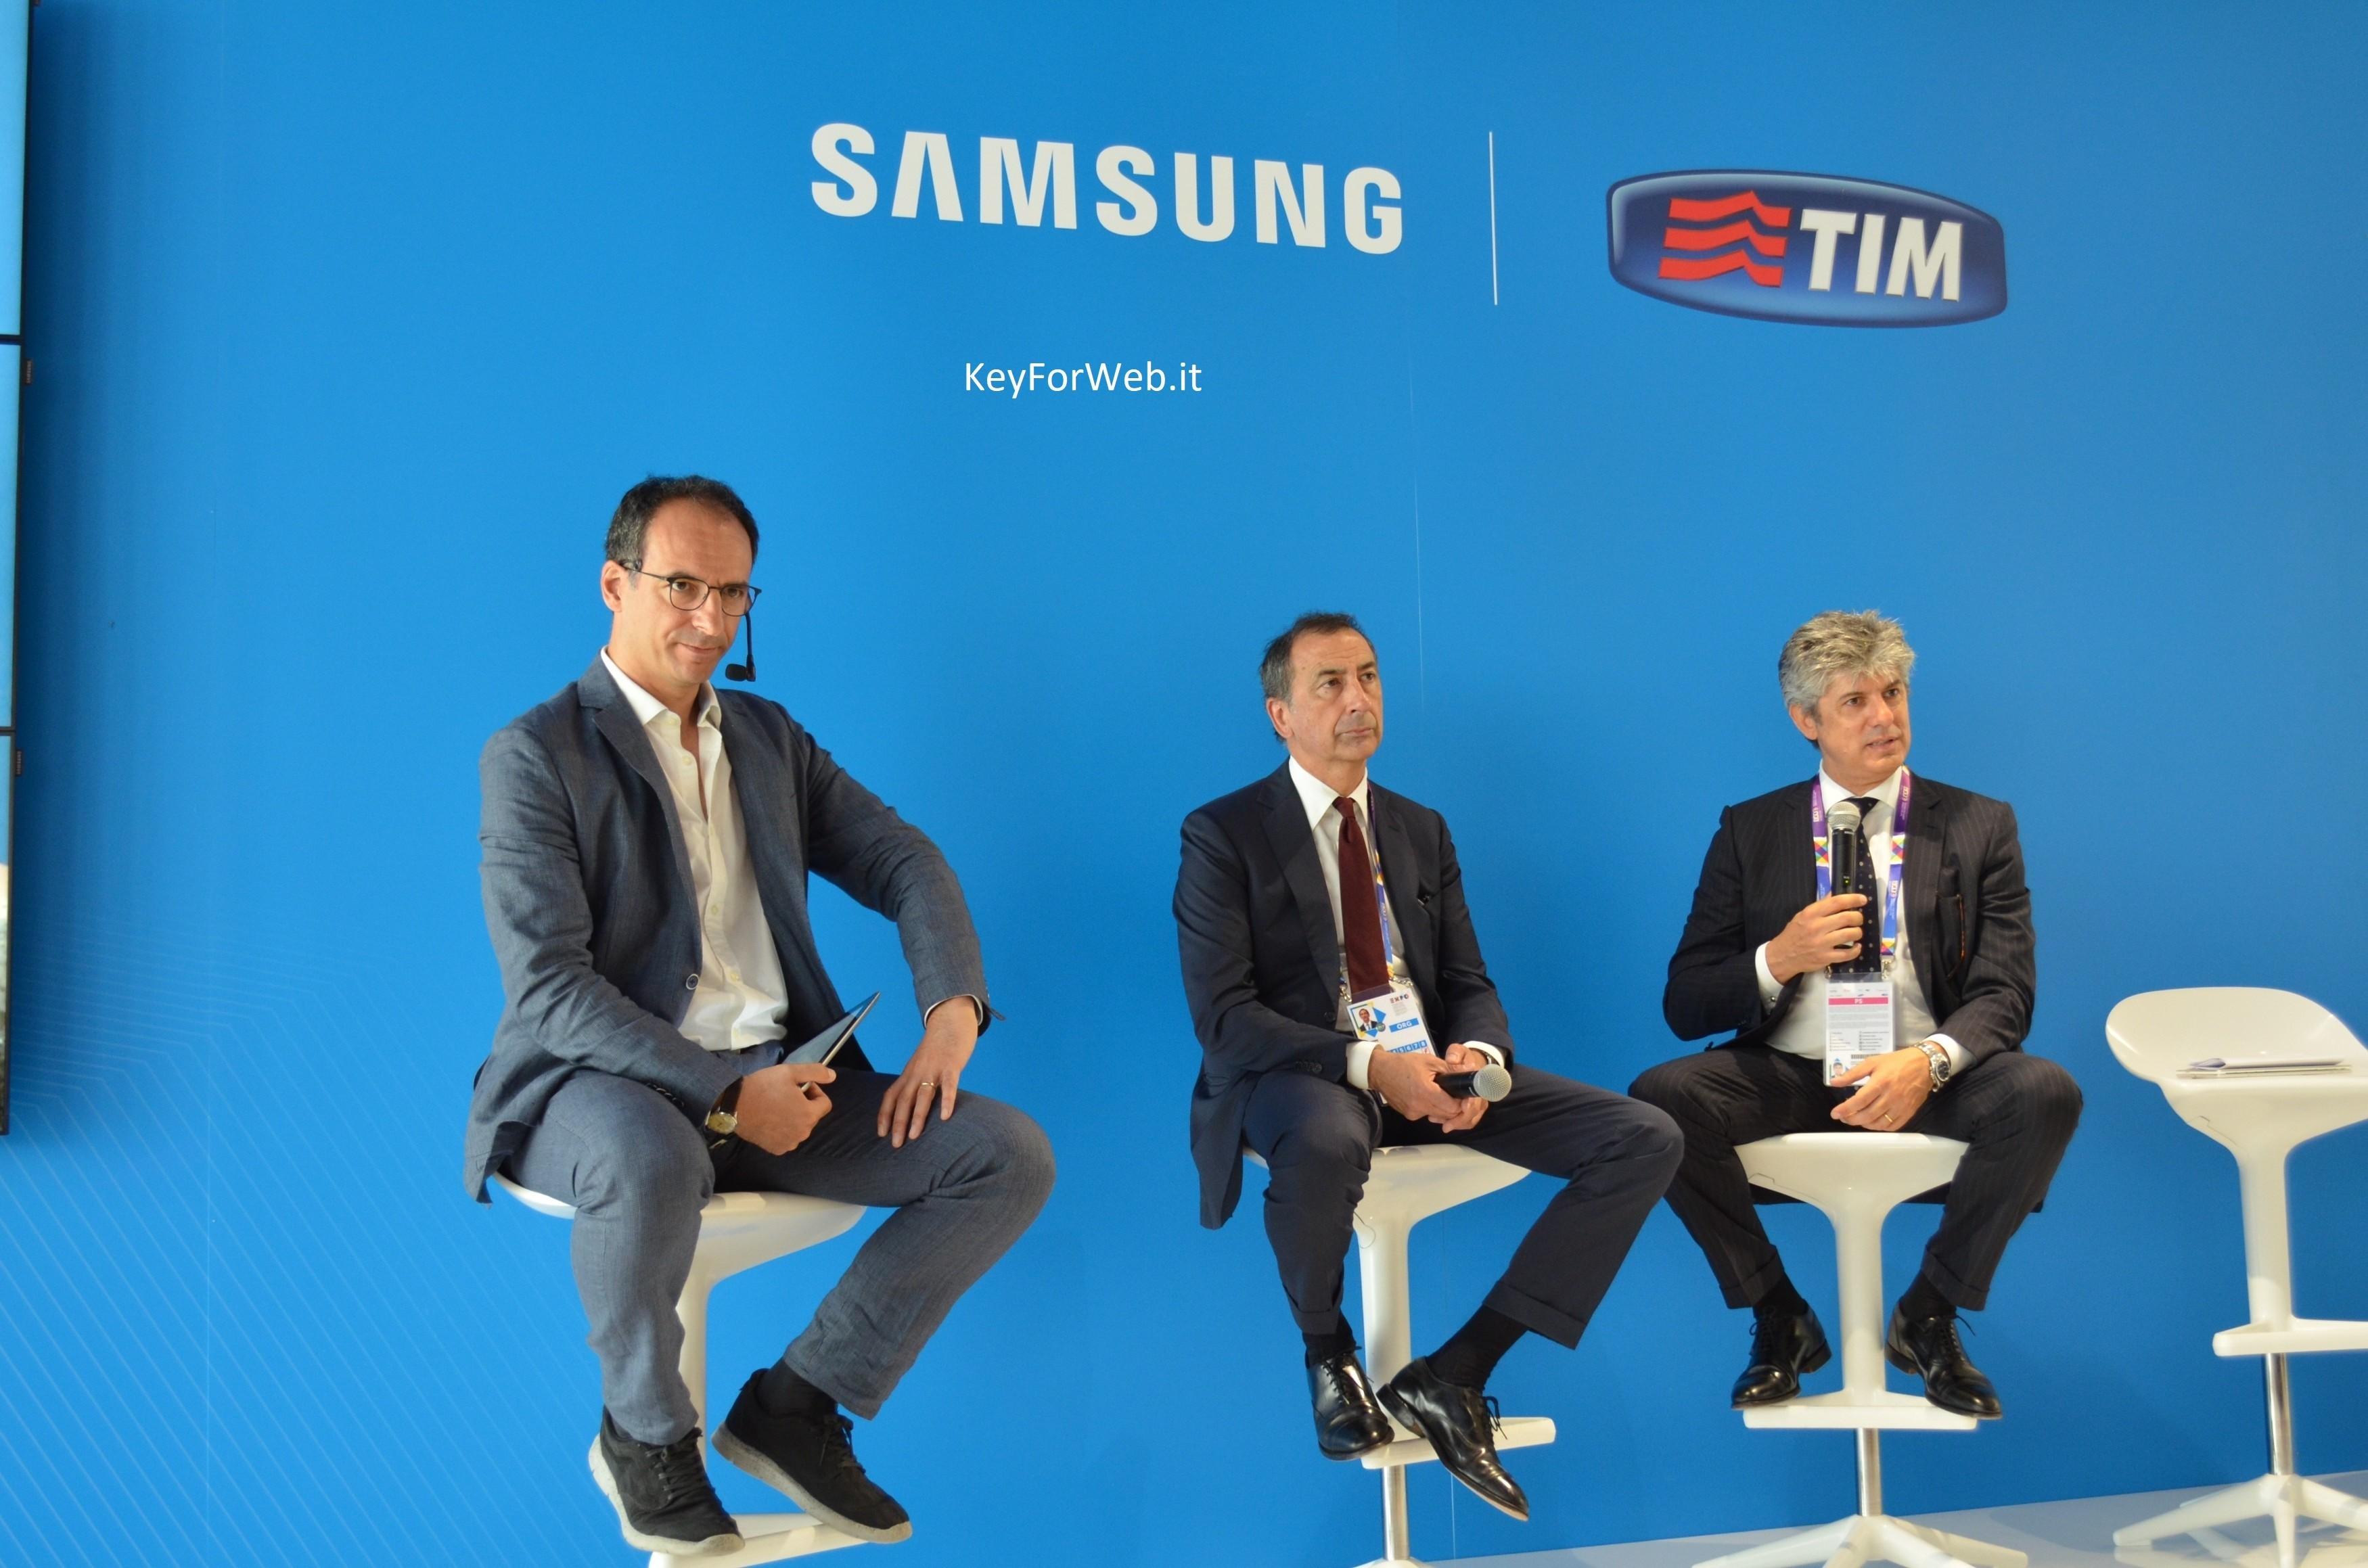 Imperdibili le migliori offerte passa a Tim da Wind, Vodafone e Tre di fine settembre